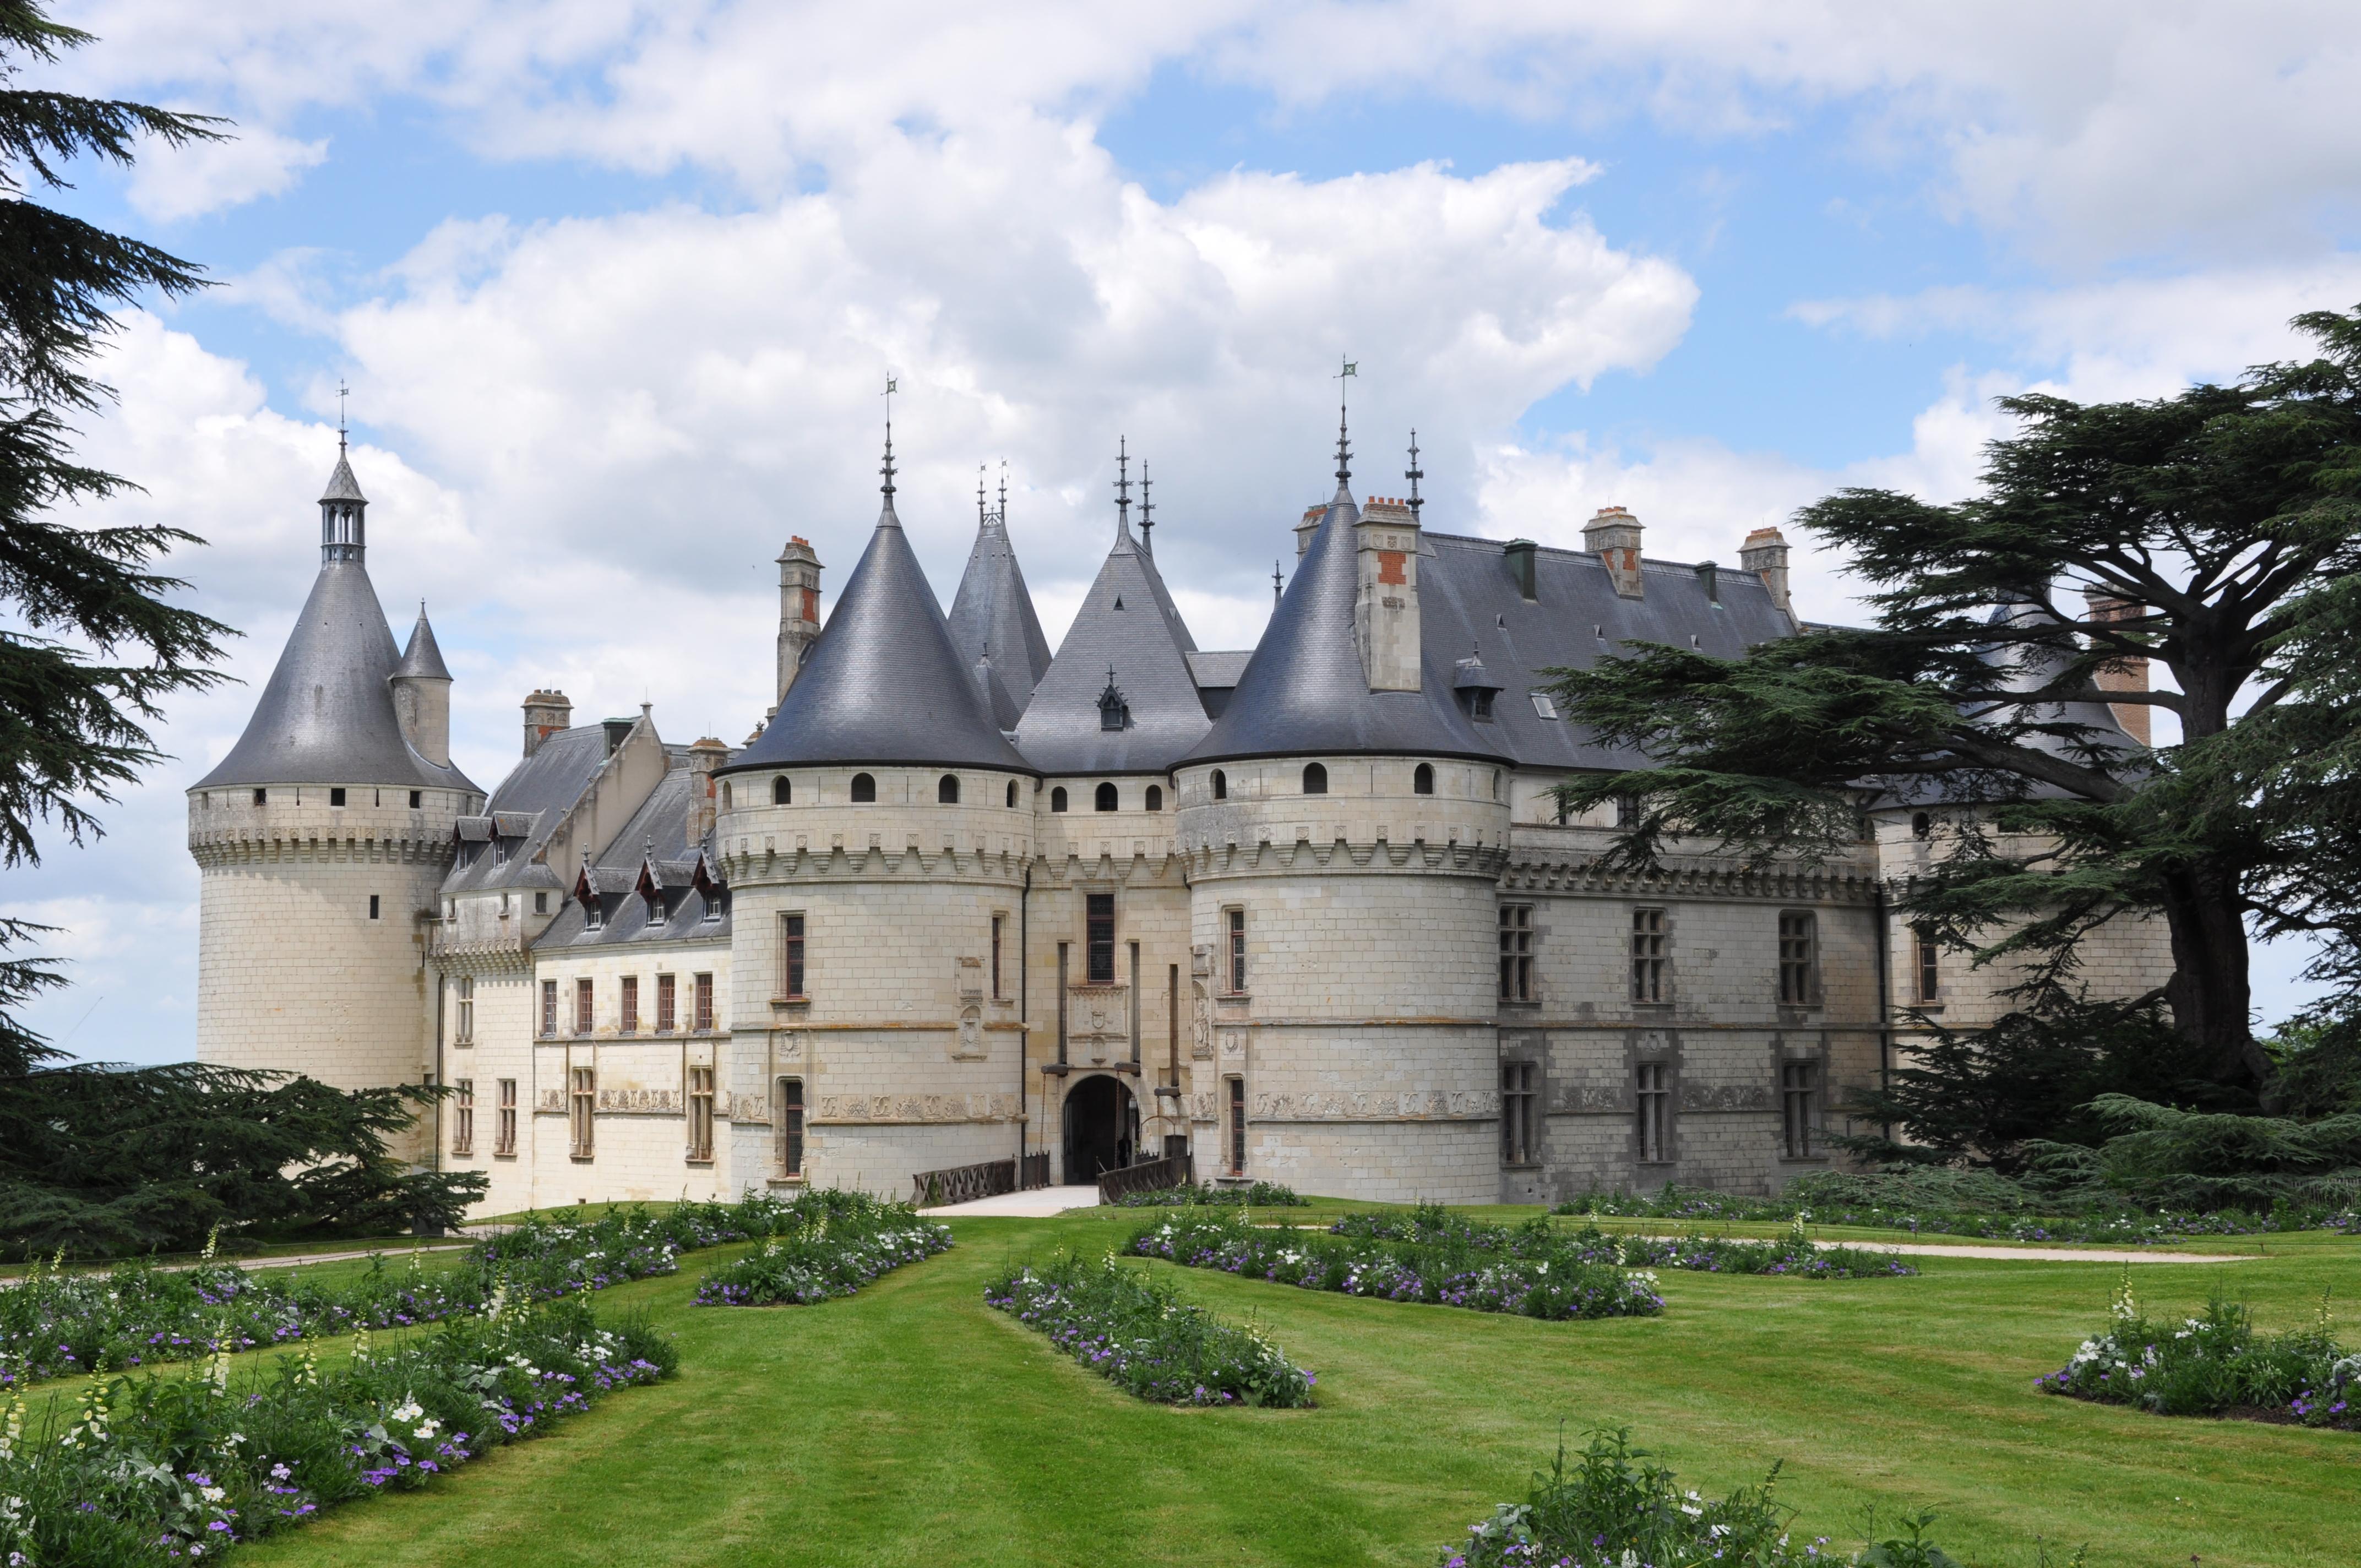 Restaurant Chateau Chaumont